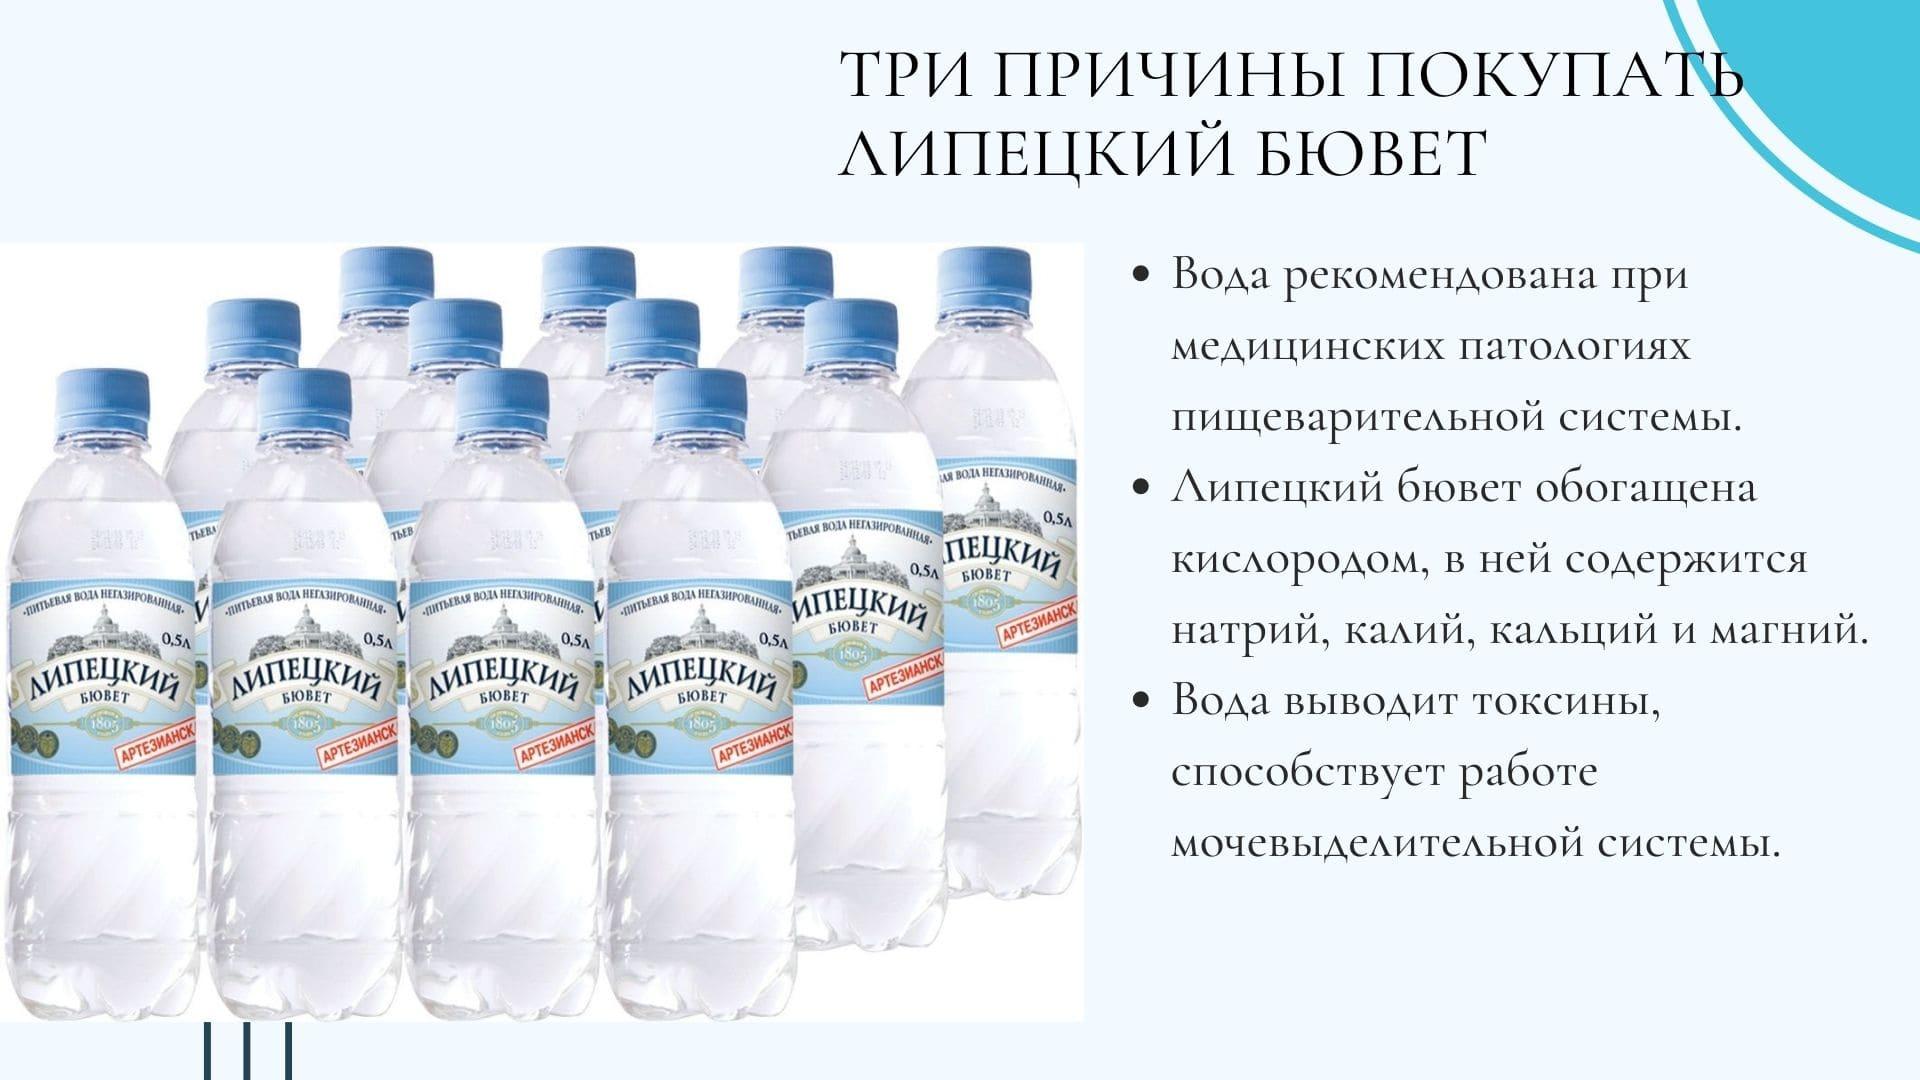 Преимущества воды Липецкий Бювет